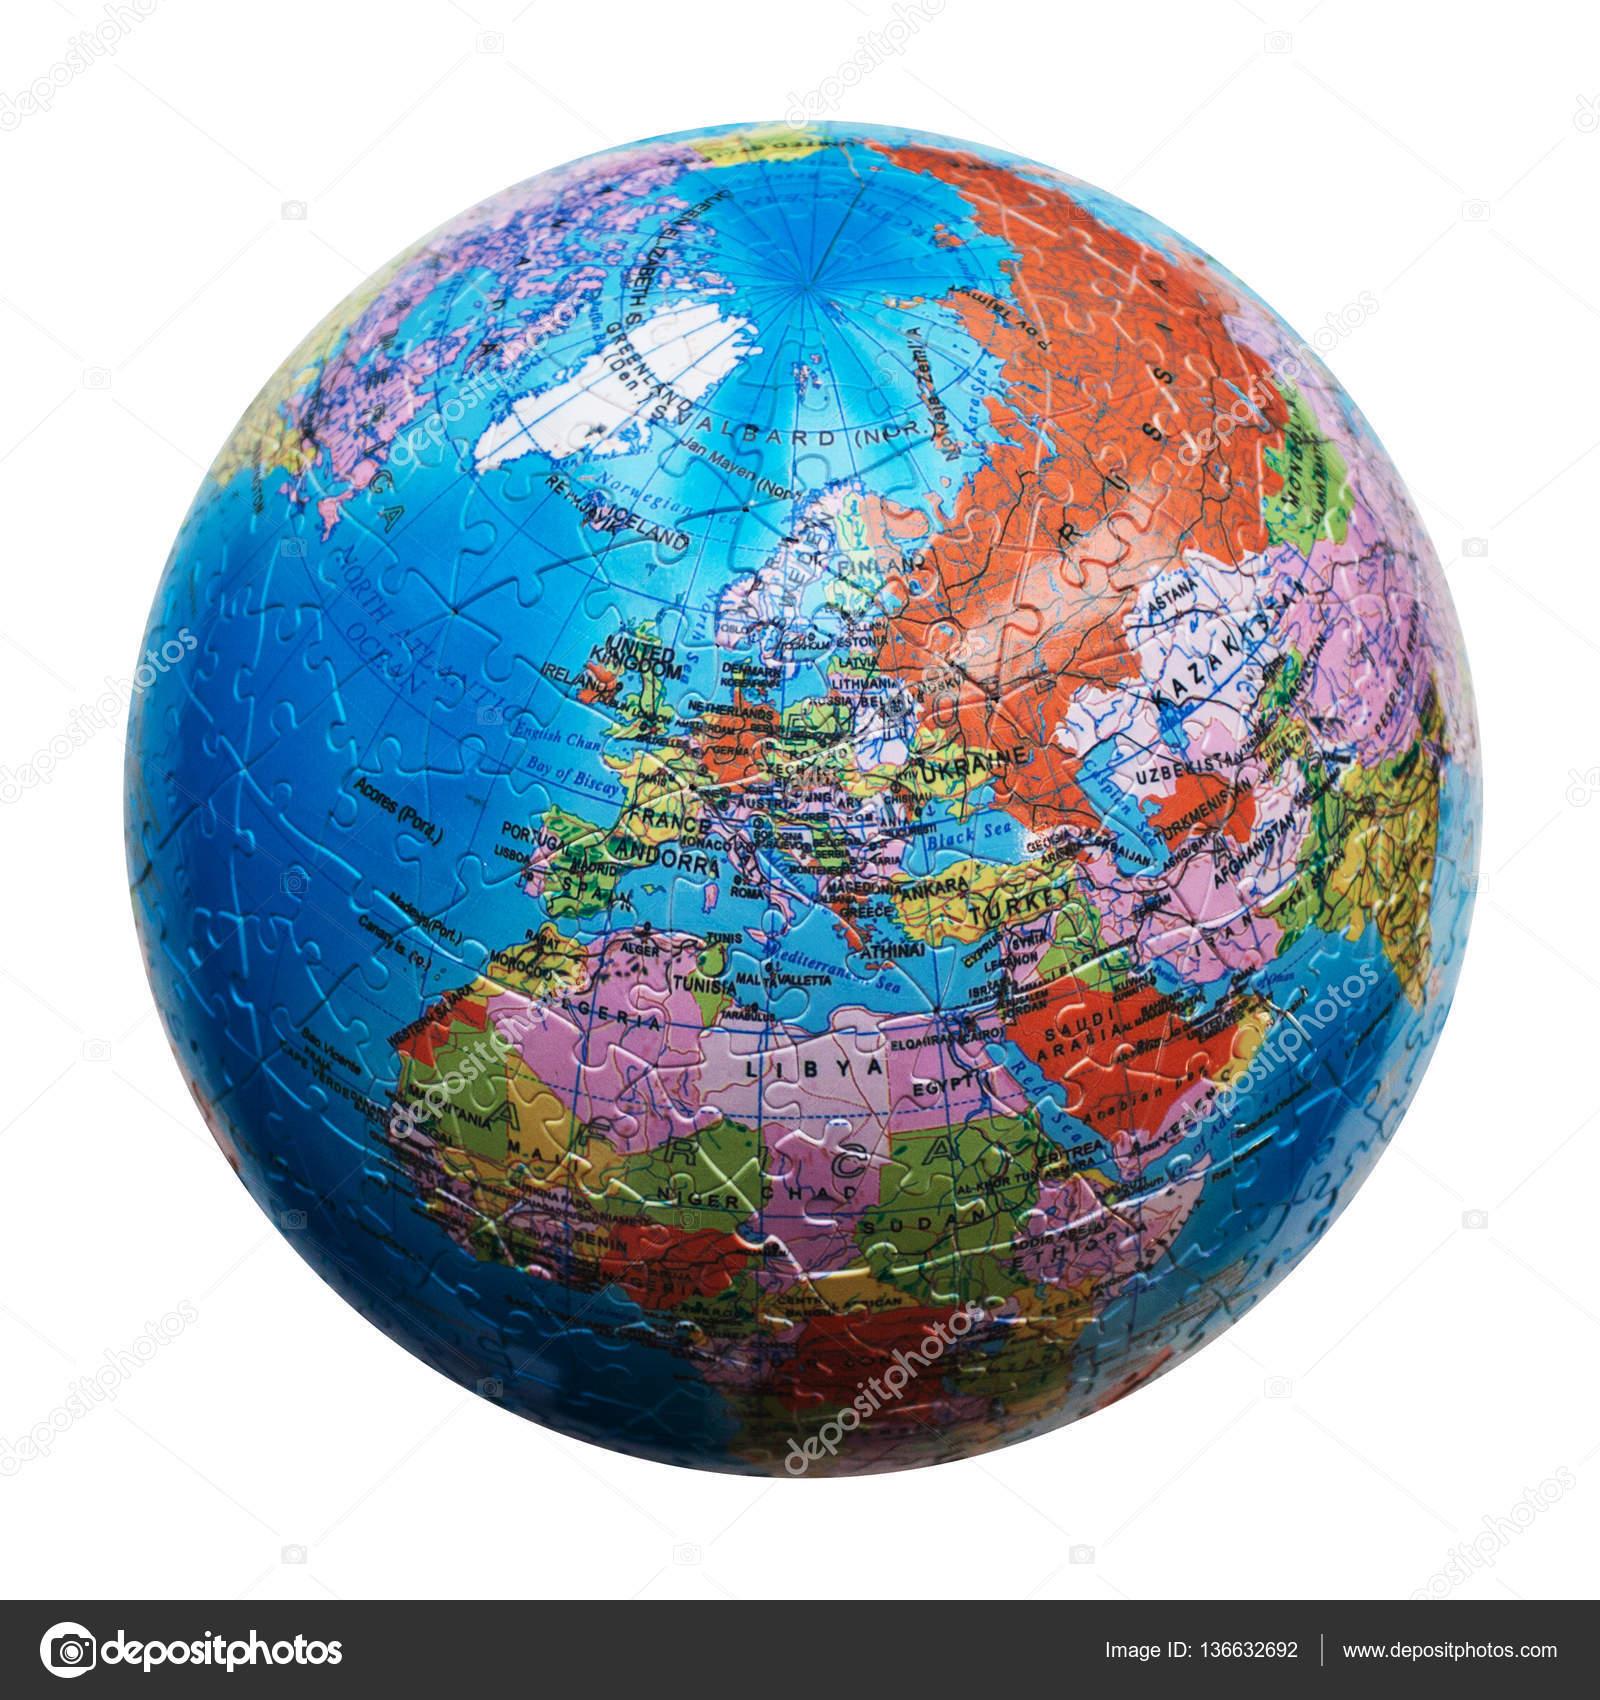 Karta Varlden Europa.Varlden Pusslet Isolerade Karta Over Europa Stockfotografi